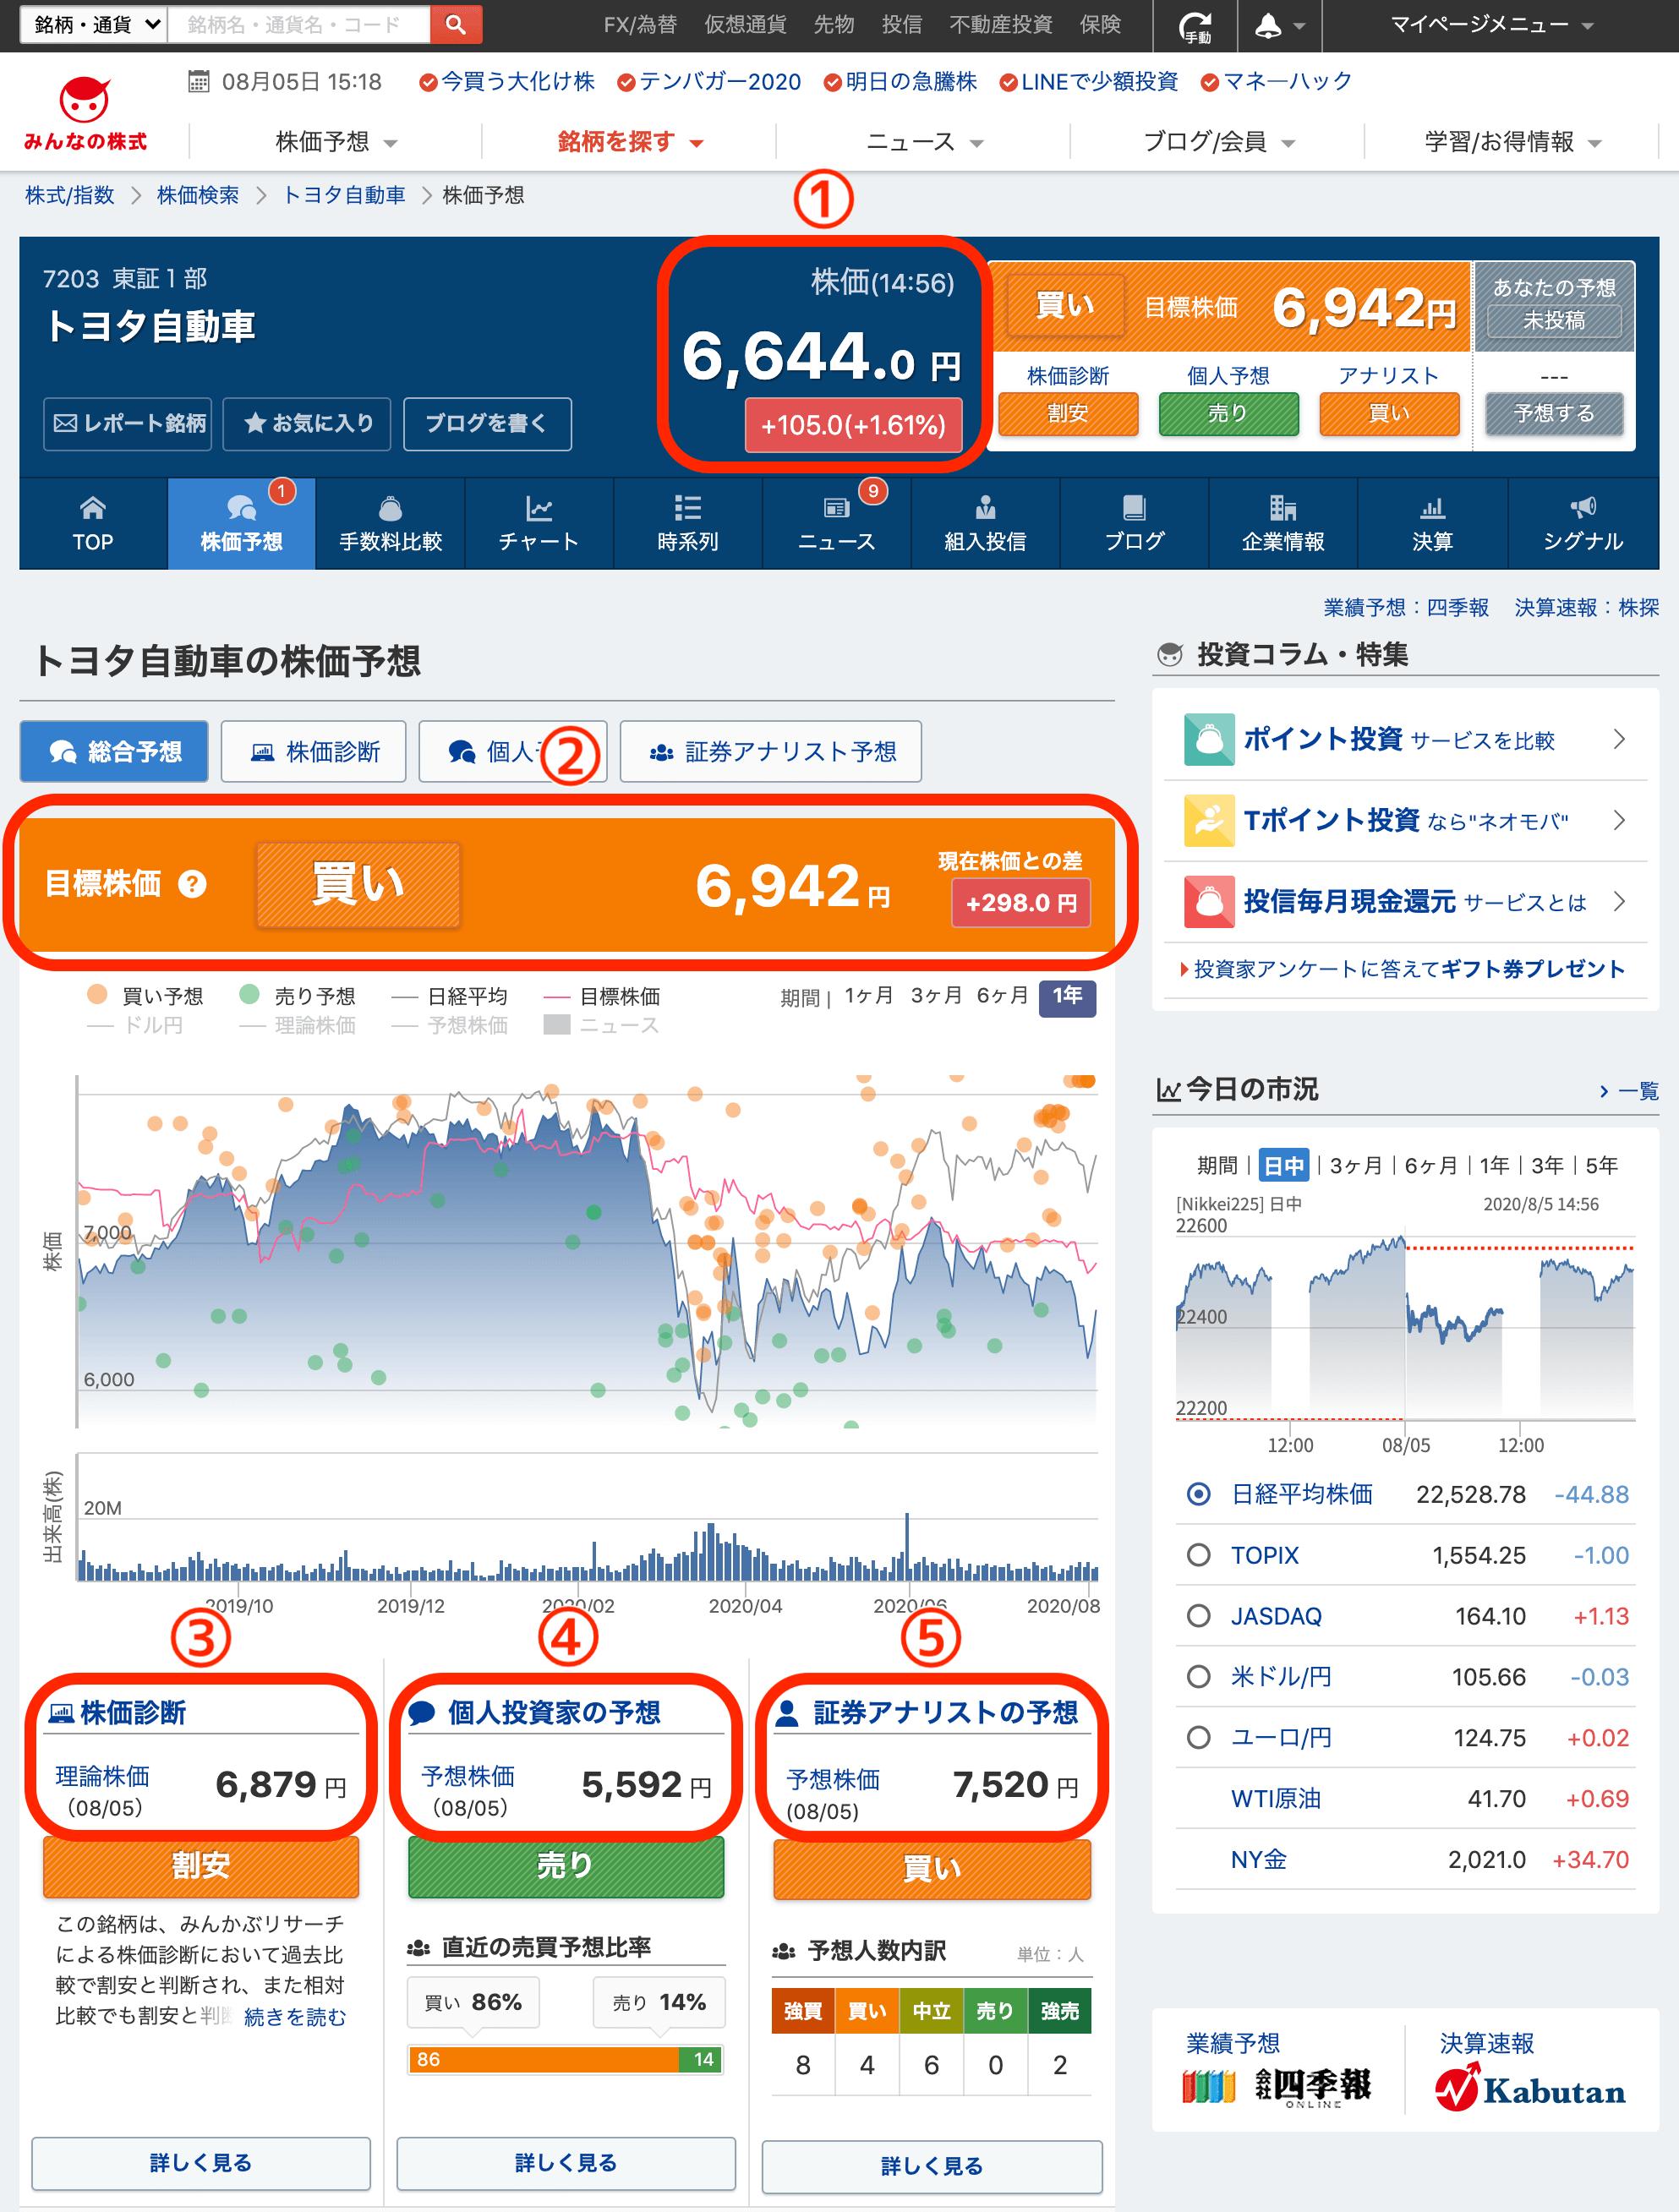 目標株価について